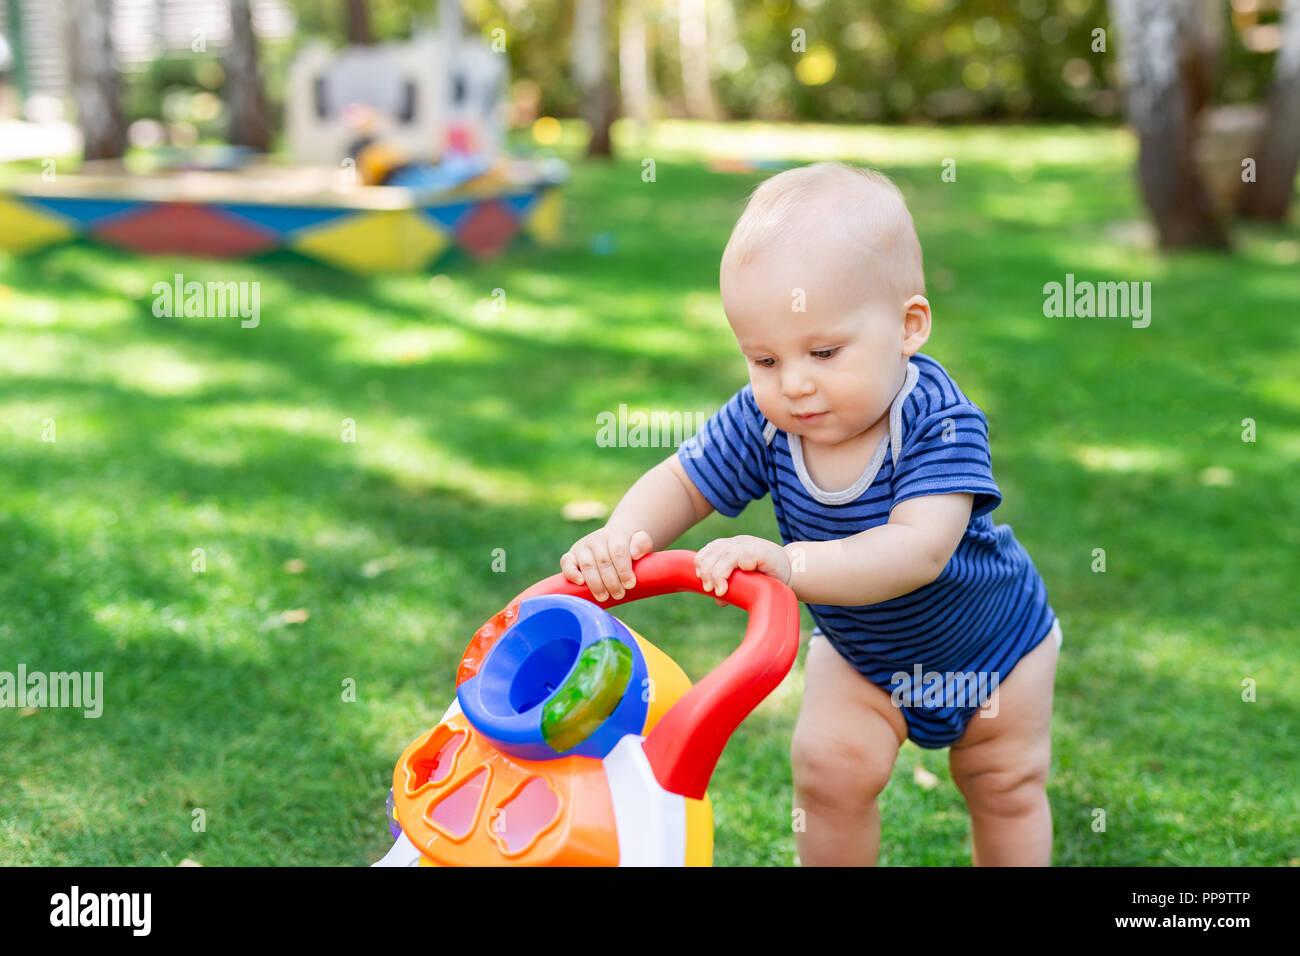 Süße kleine Jungen lernen mit Walker Spielzeug auf grünen Rasen im Hinterhof zu gehen. Baby lachen und Spaß macht ersten Schritt im Park auf hellen, sonnigen Tag im Freien. Glückliche Kindheit Konzept Stockbild